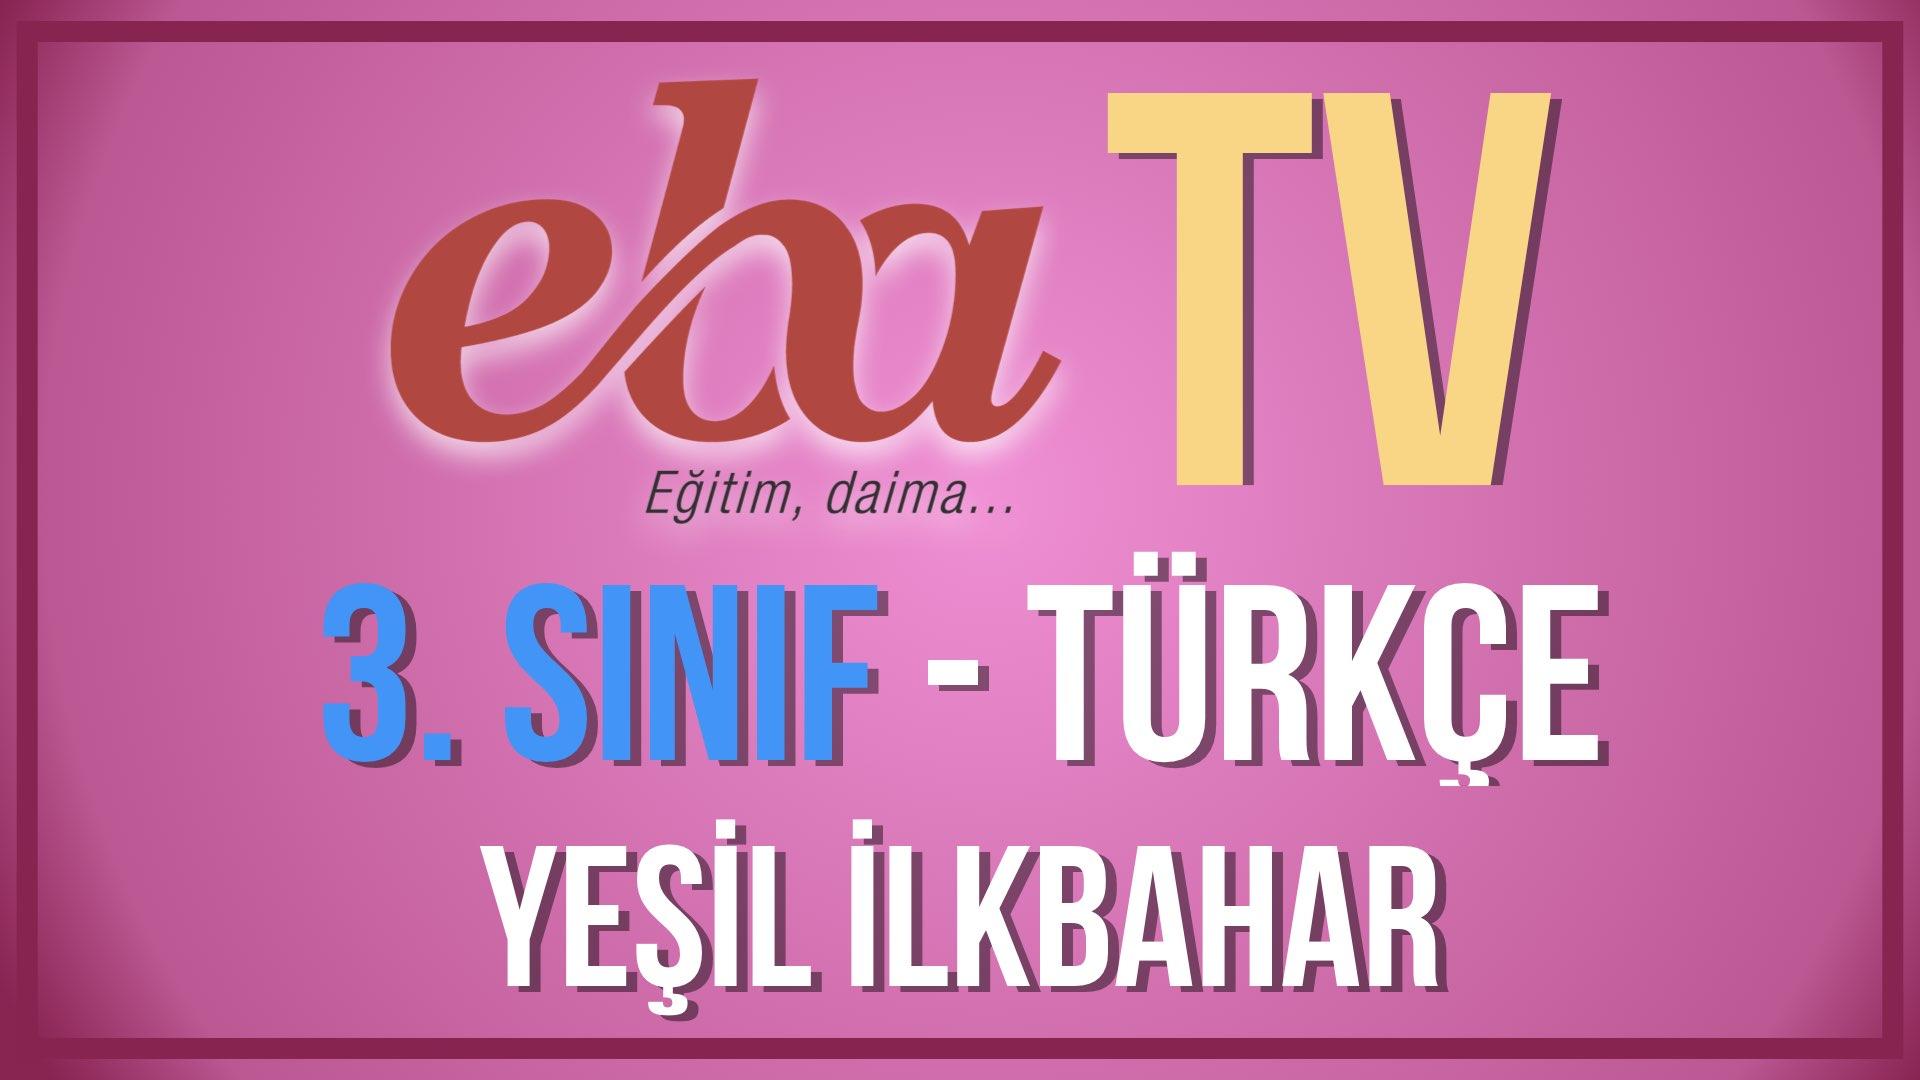 EBA TV - 3. Sınıf Türkçe - Yeşil İlkbahar